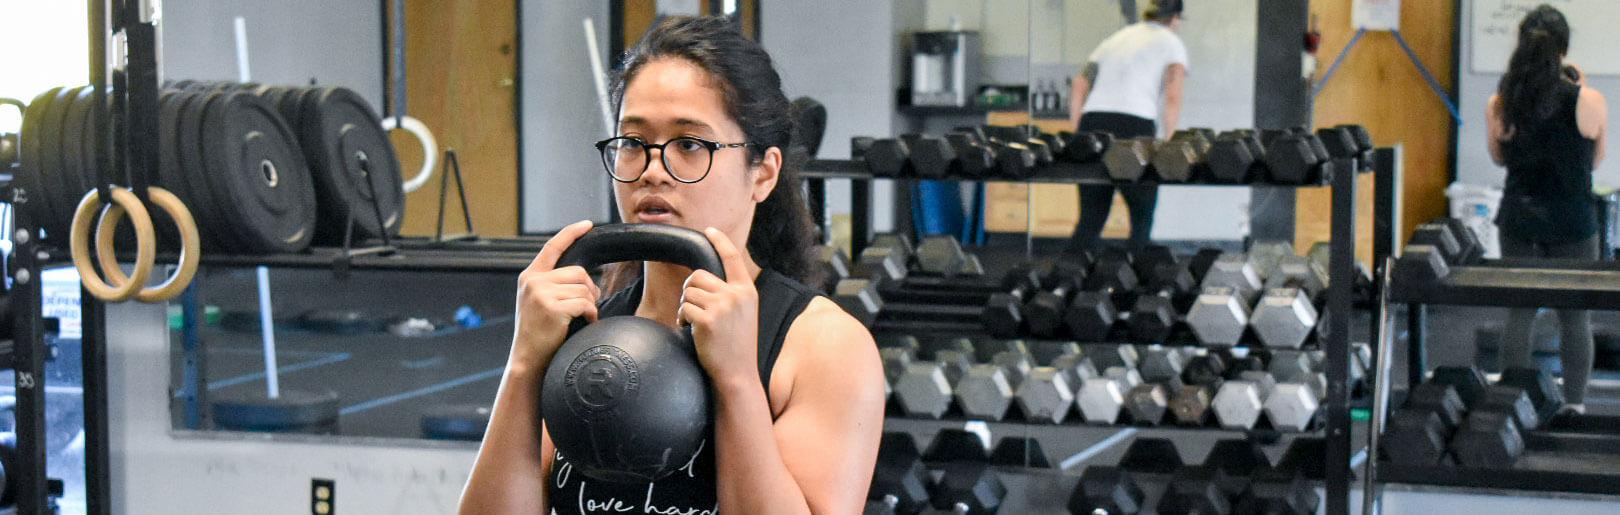 Member performs goblet squats at CrossFit Alaska.